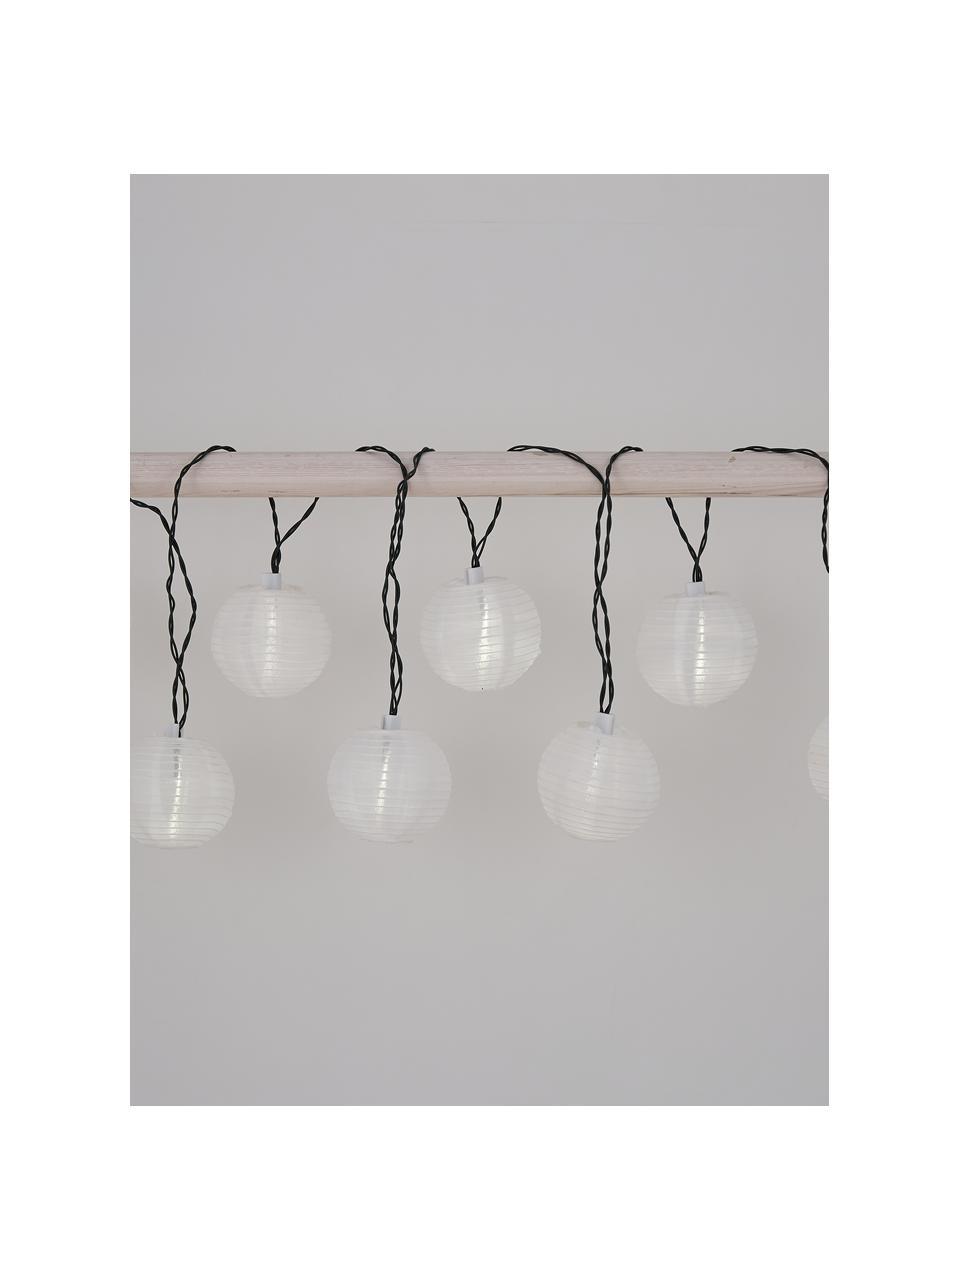 Solar Lichterkette Kosmos, 430 cm, 10 Lampions, Lampions: Reispapier, Schwarz, Weiß, L 430 cm